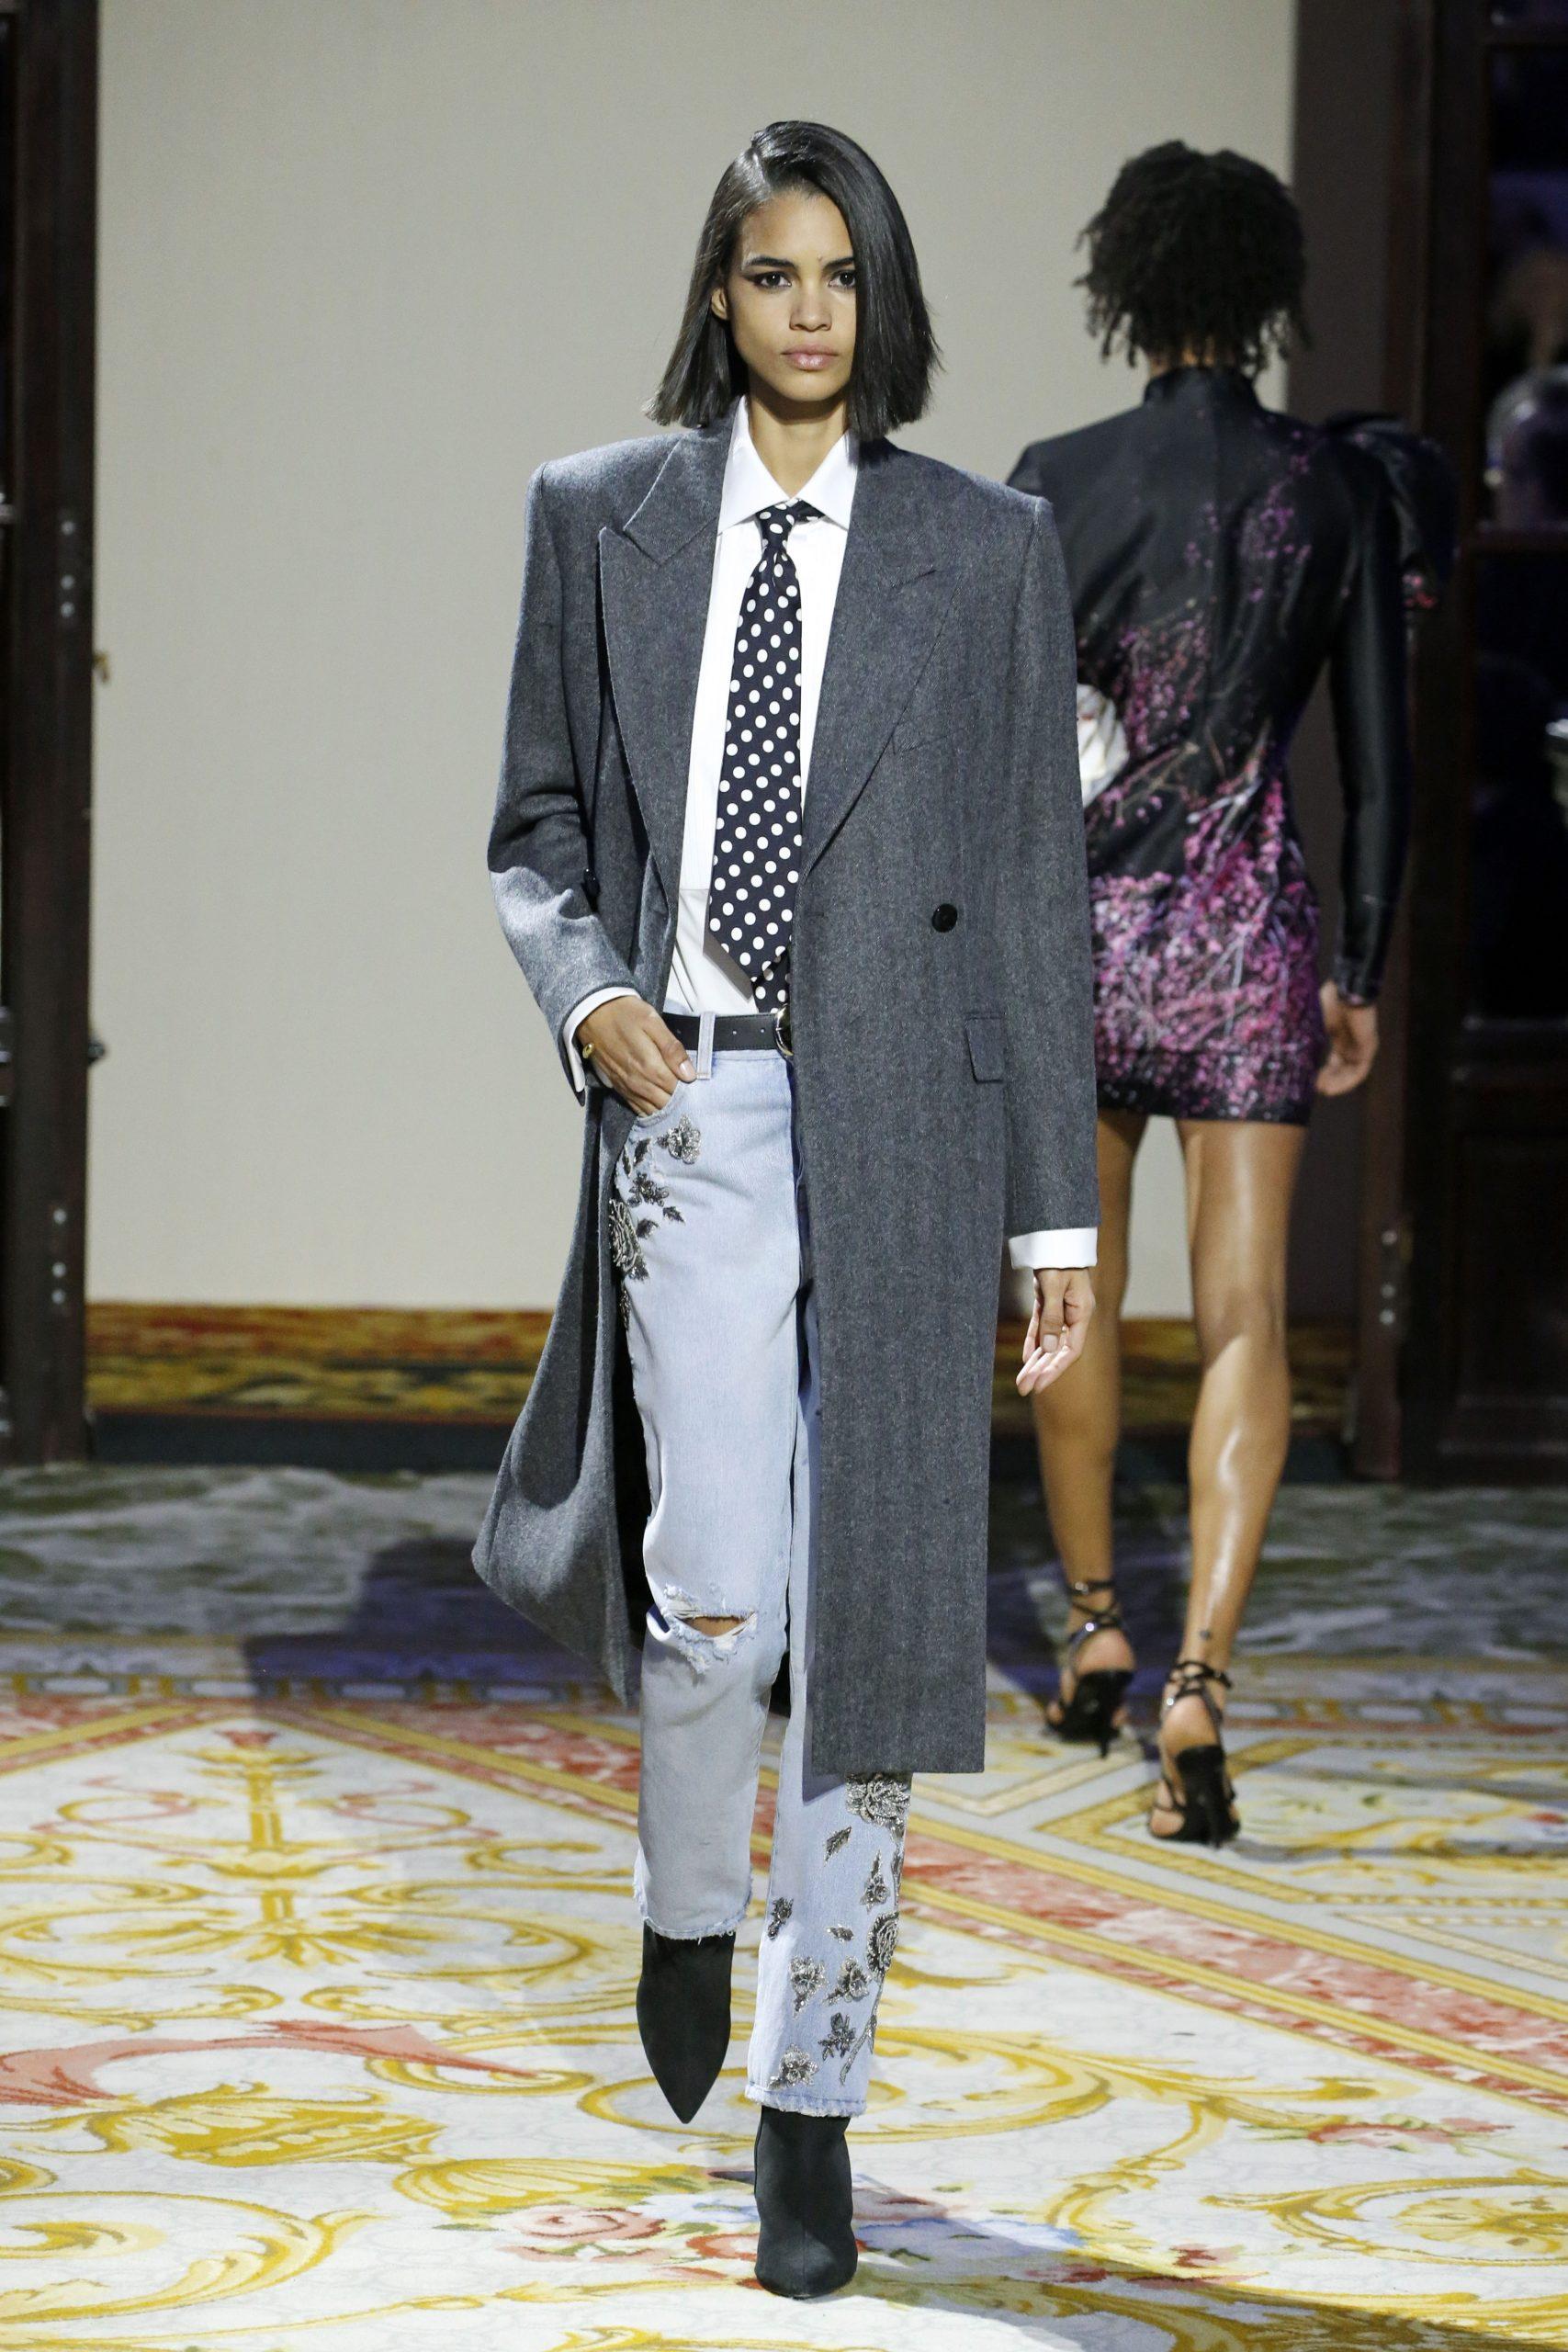 модное пальто осень 2020 серое в мужском стиле маскулинное за колено